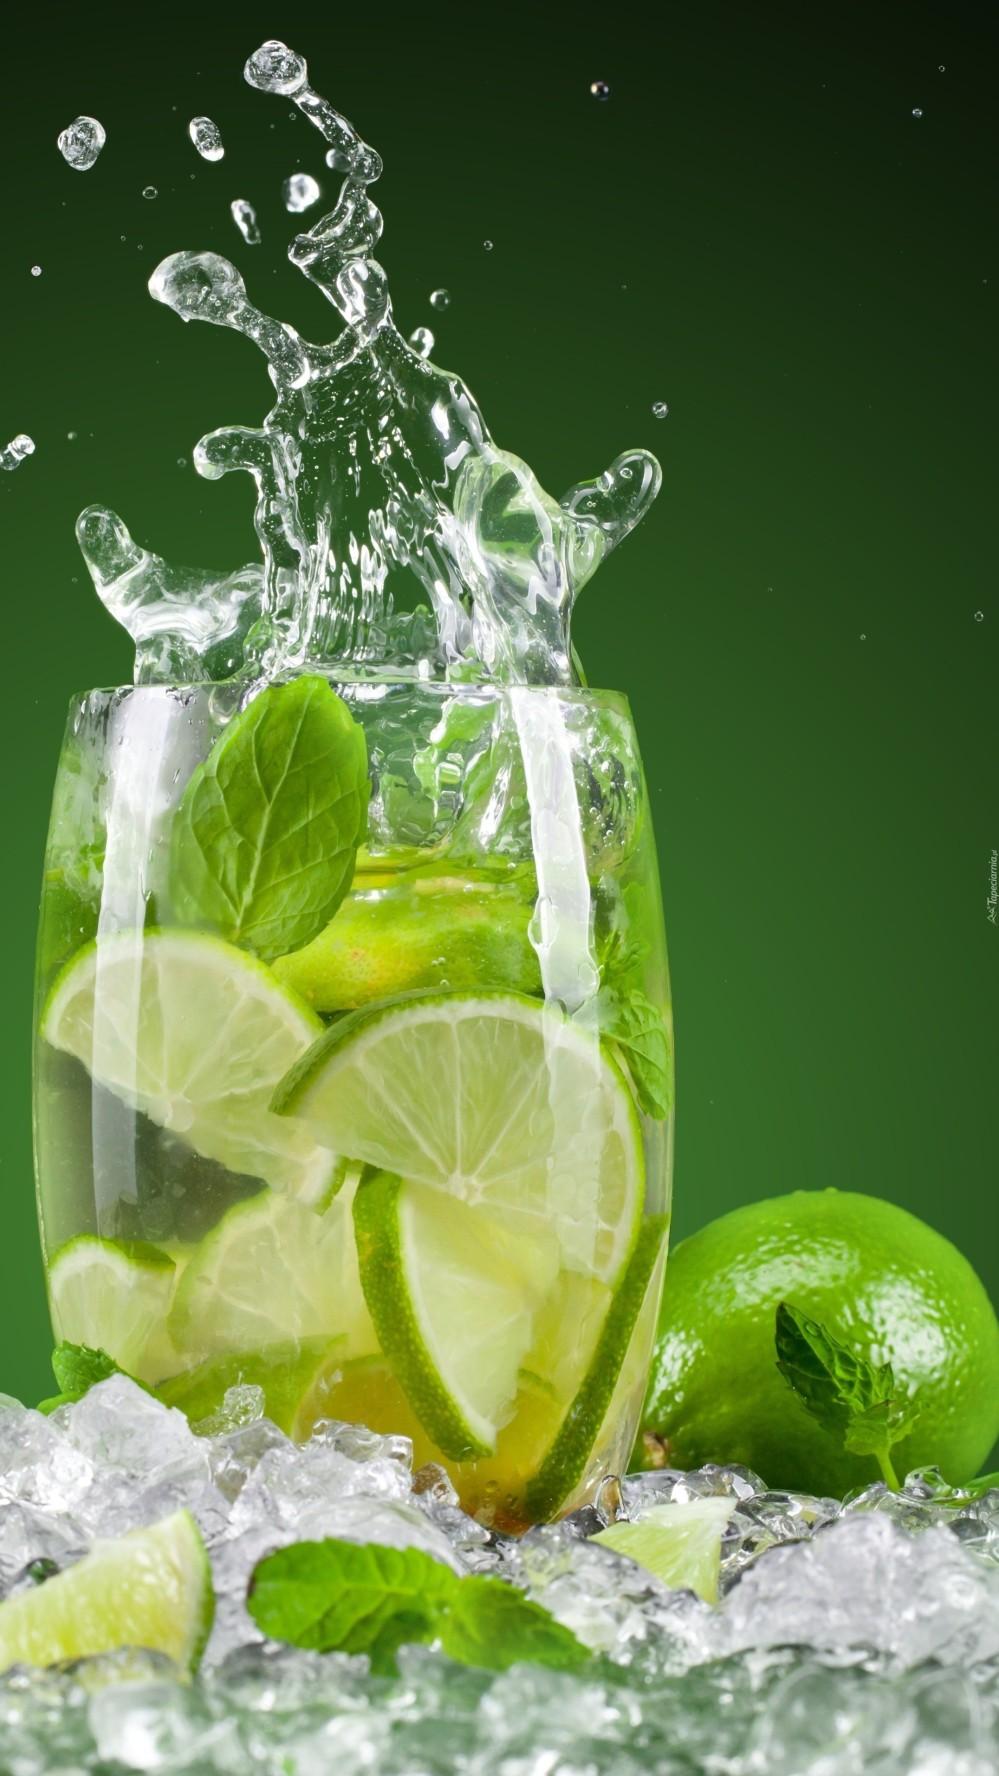 tapeta-na-telefon-szklanka-lemoniady-z-limonka-w-lodzie